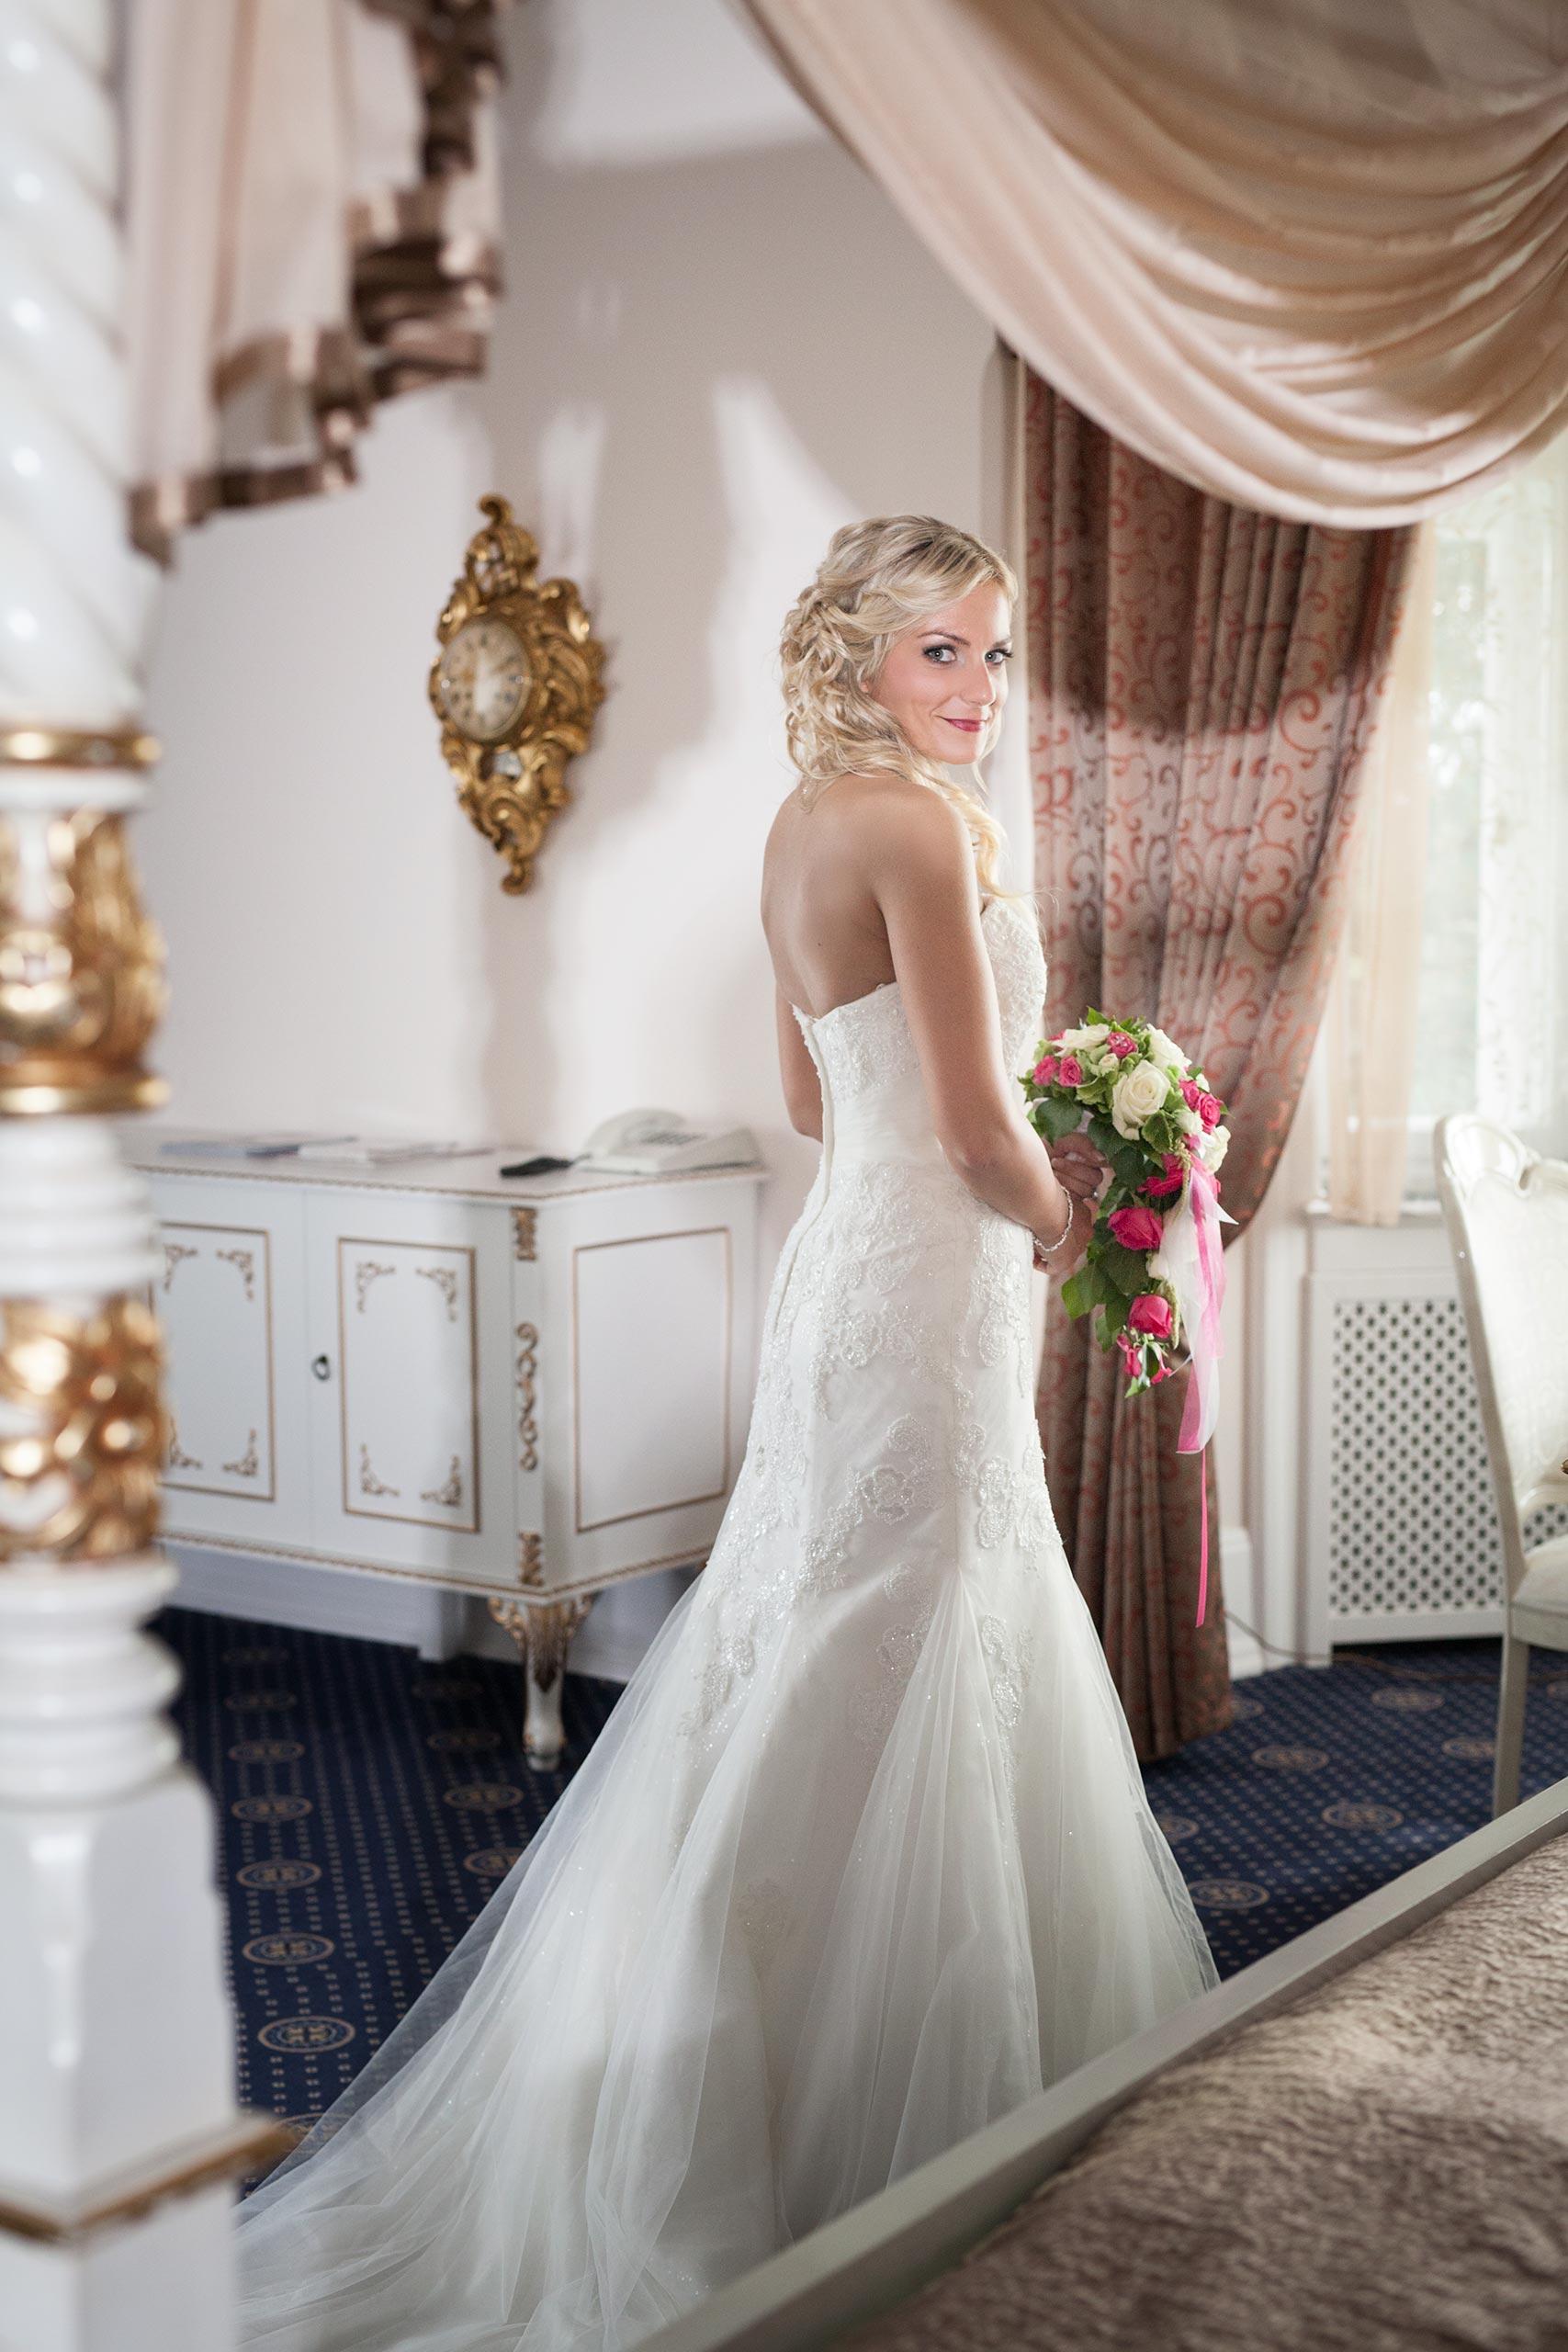 Braut in der Hochzeitssuite